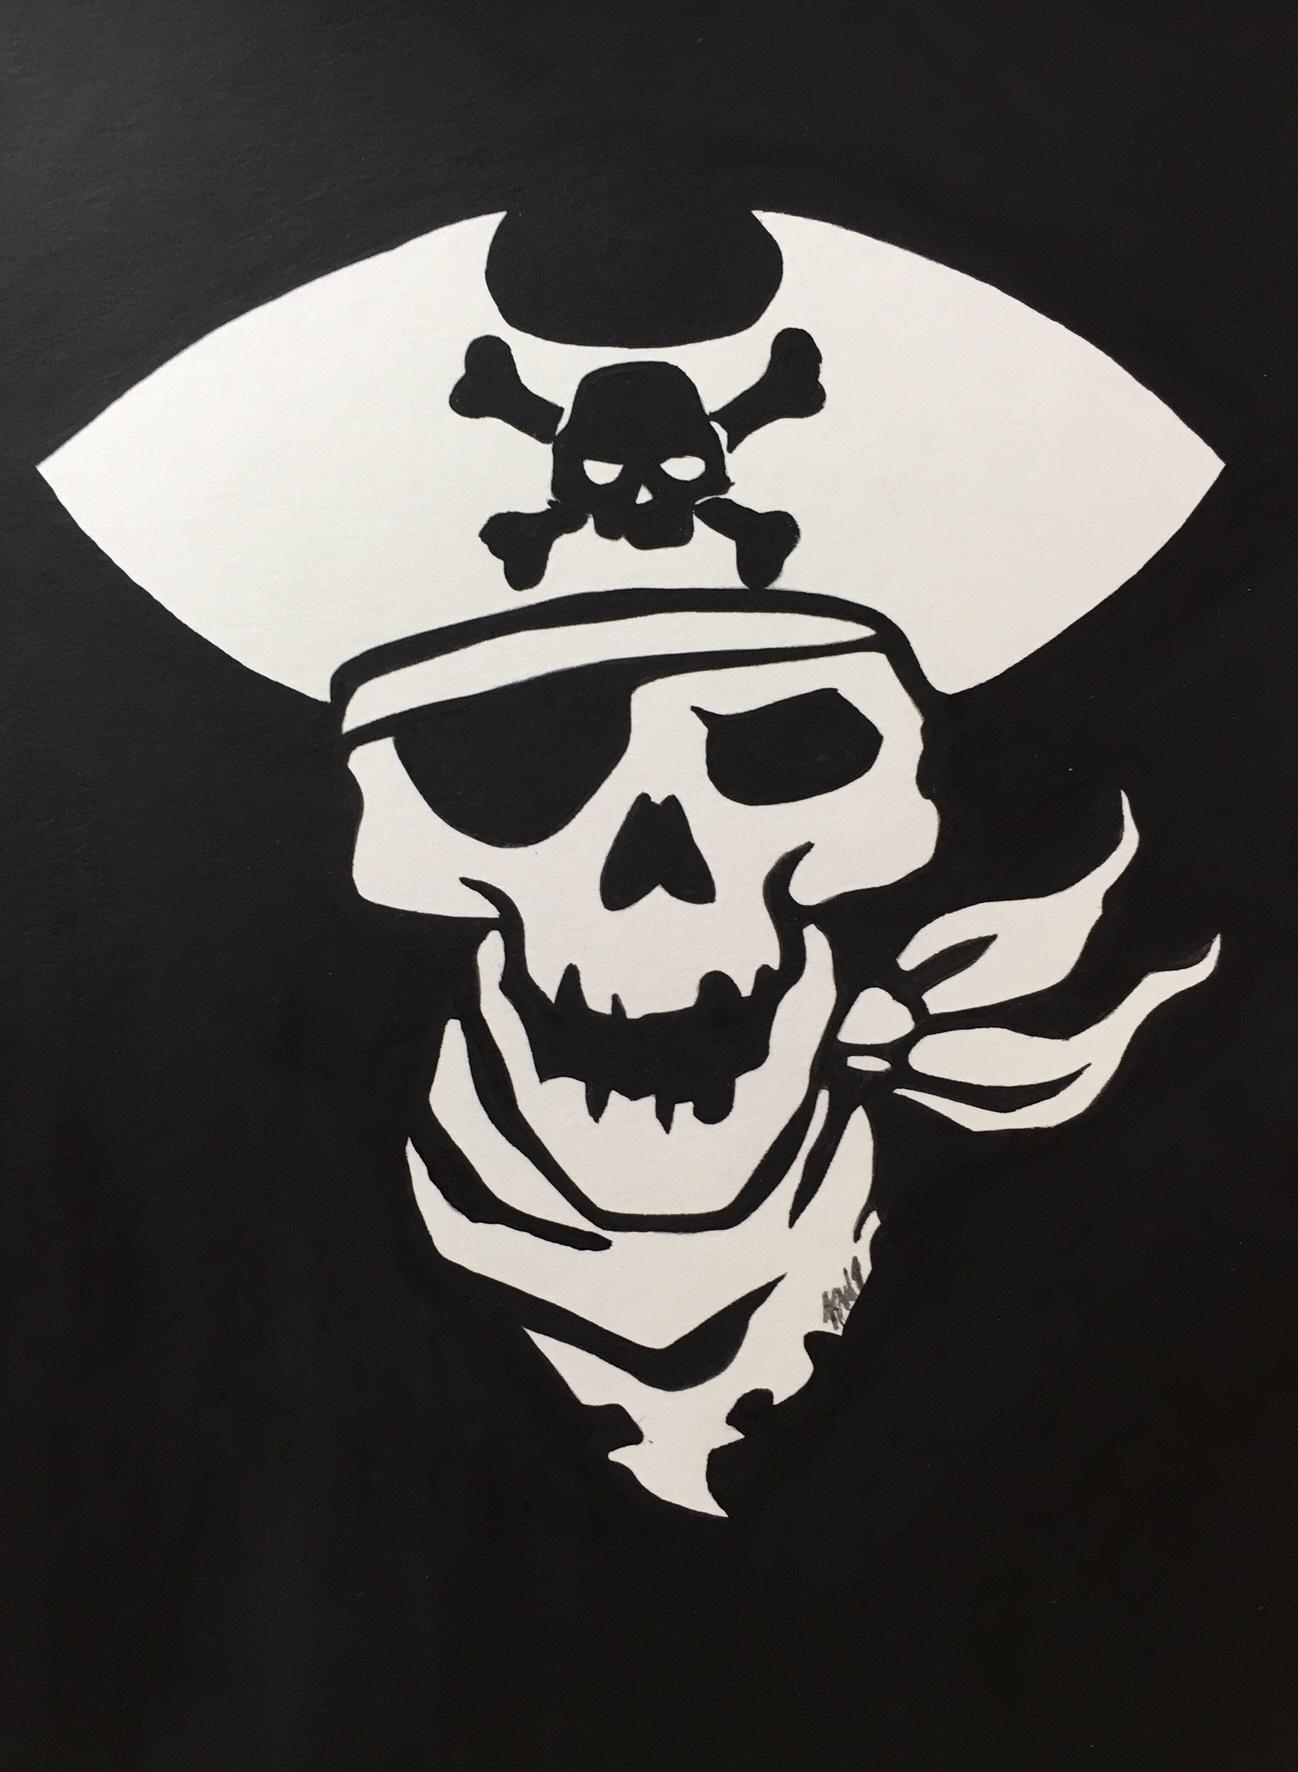 Pirate-reverse